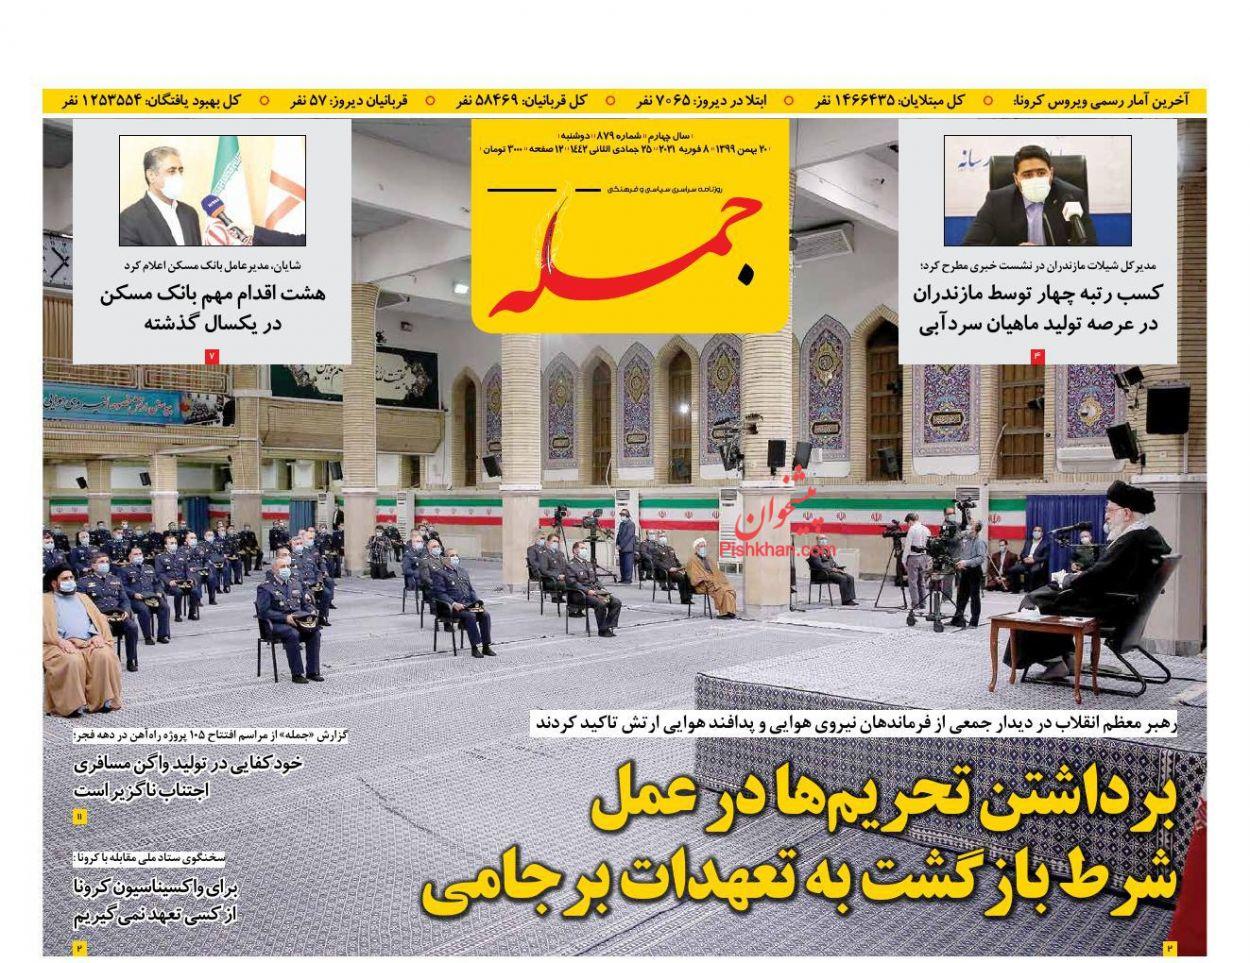 عناوین اخبار روزنامه جمله در روز دوشنبه ۲۰ بهمن